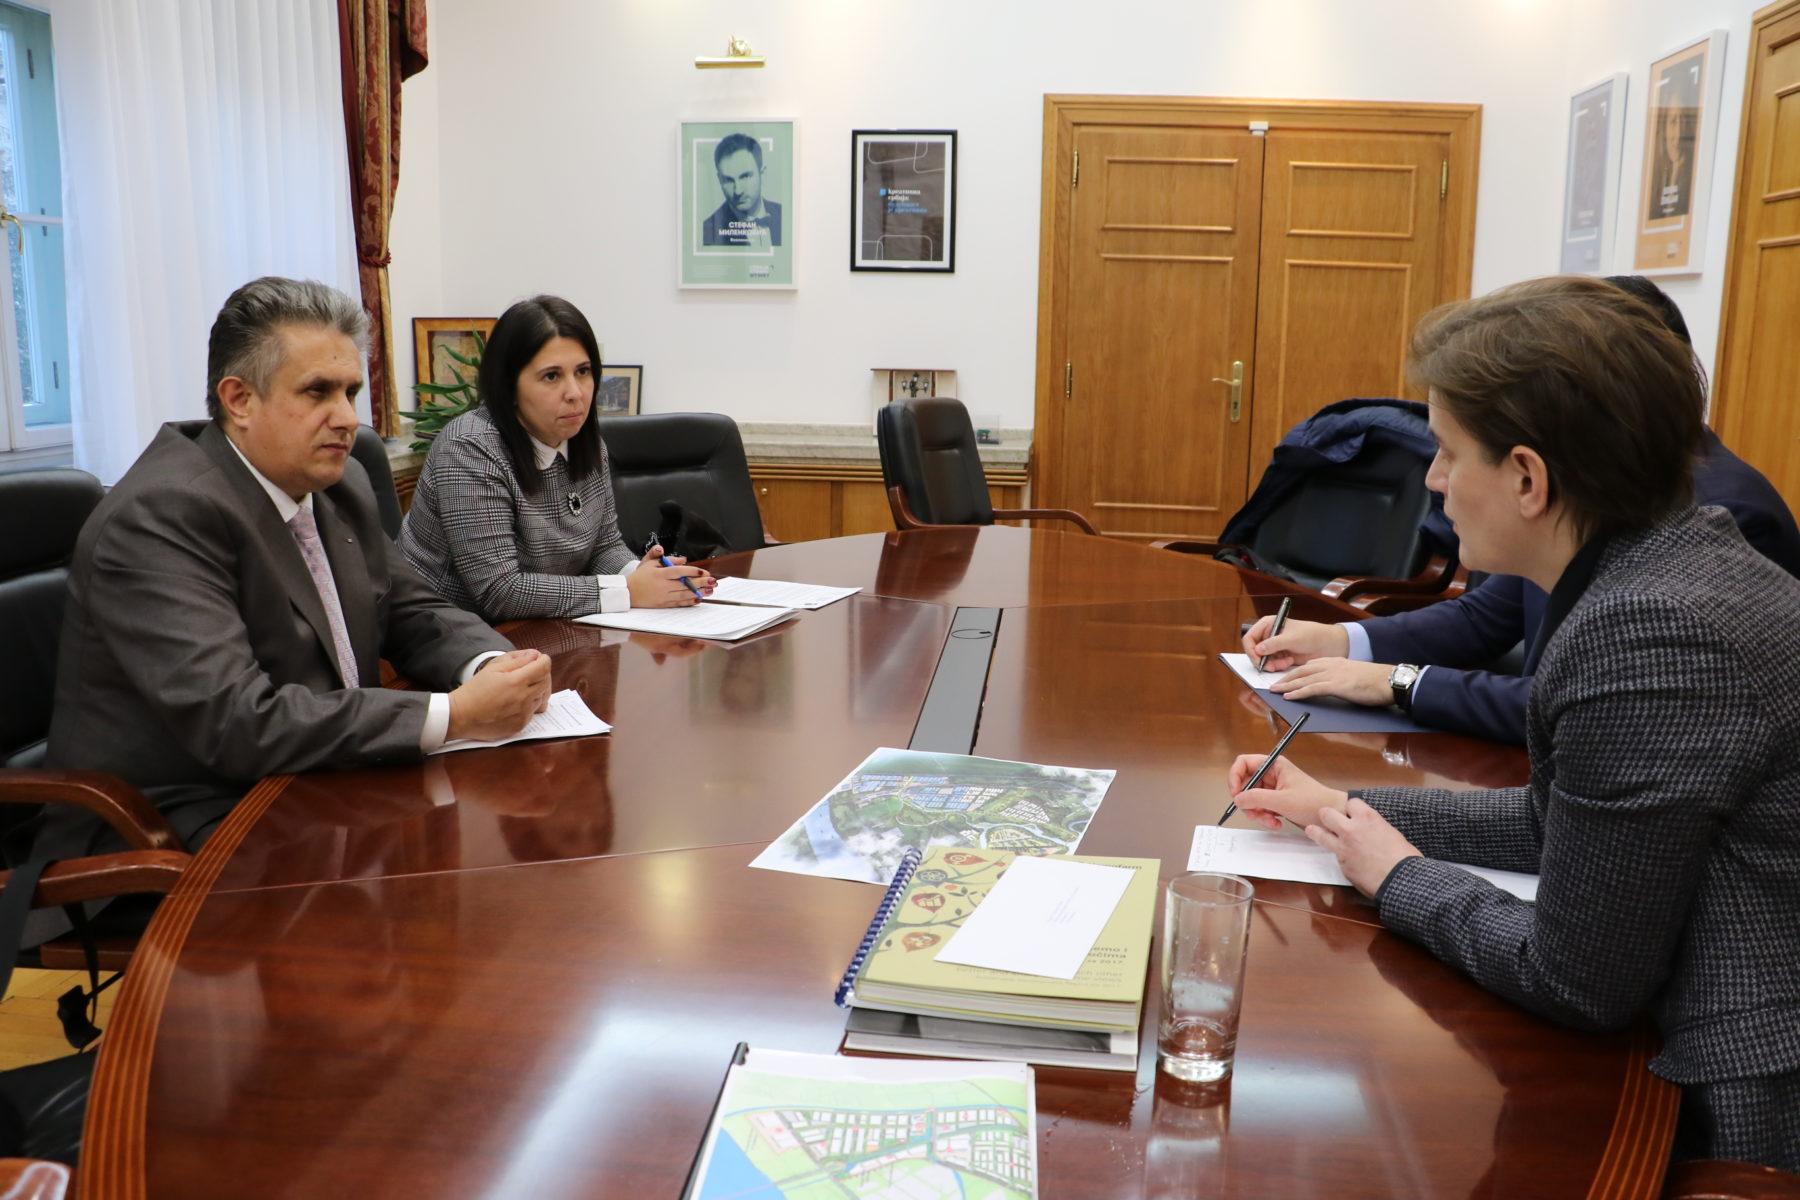 Miletić se sastao sa premijerkom Anom Brnabić